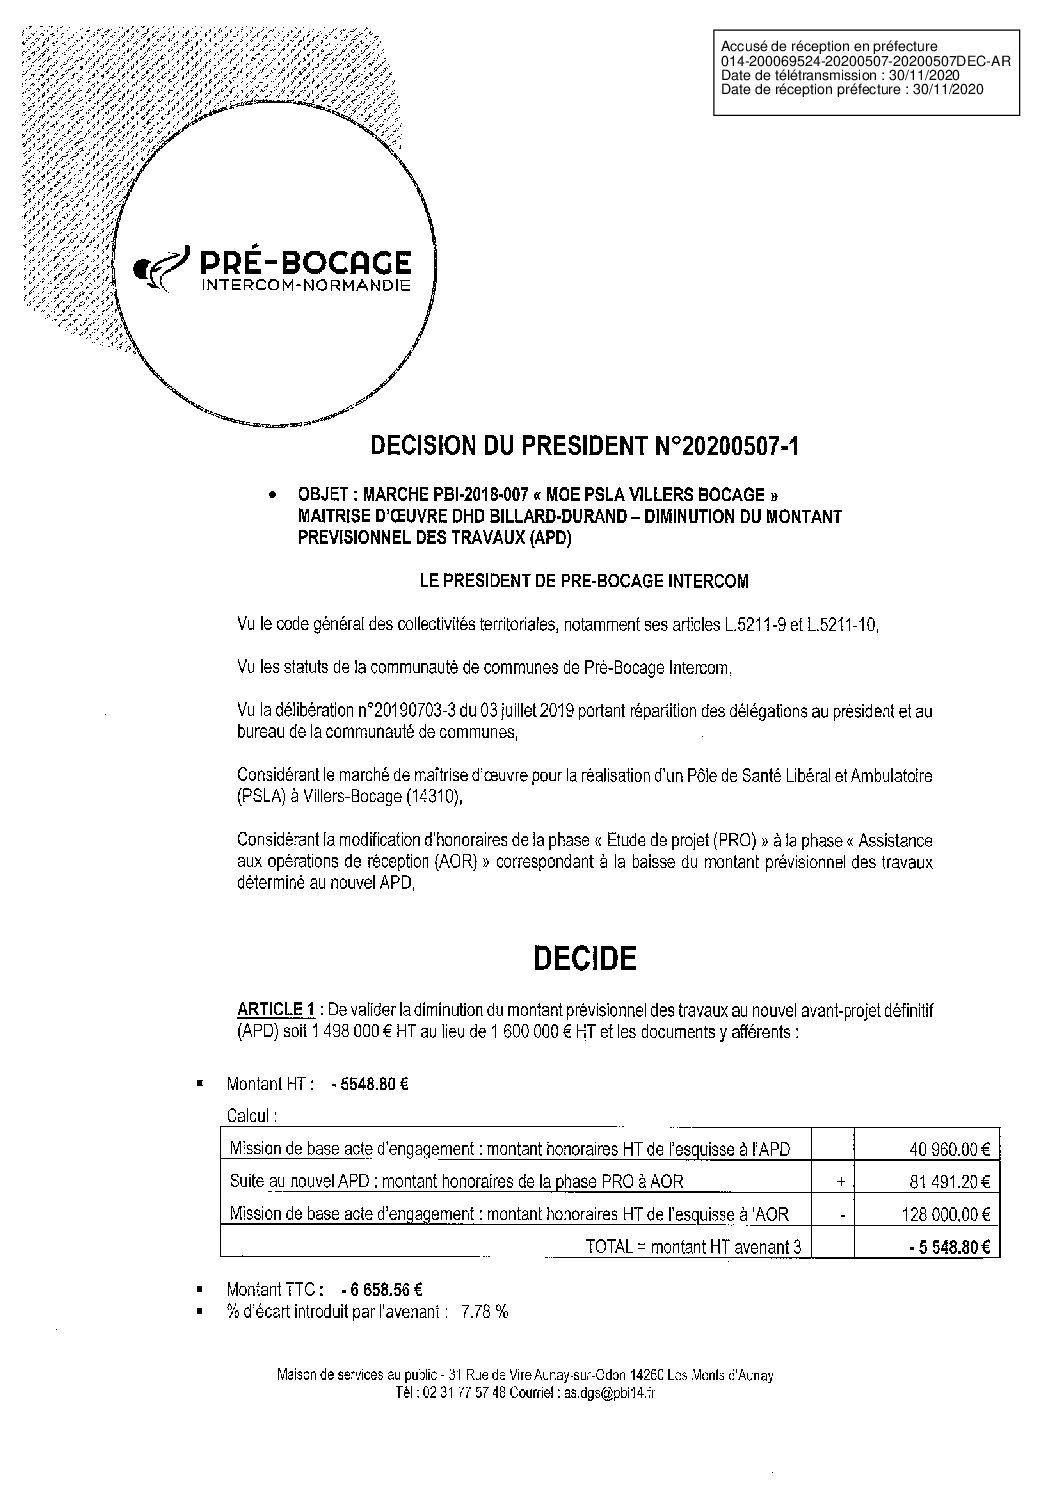 Décision déléguée du 7 mai 2020